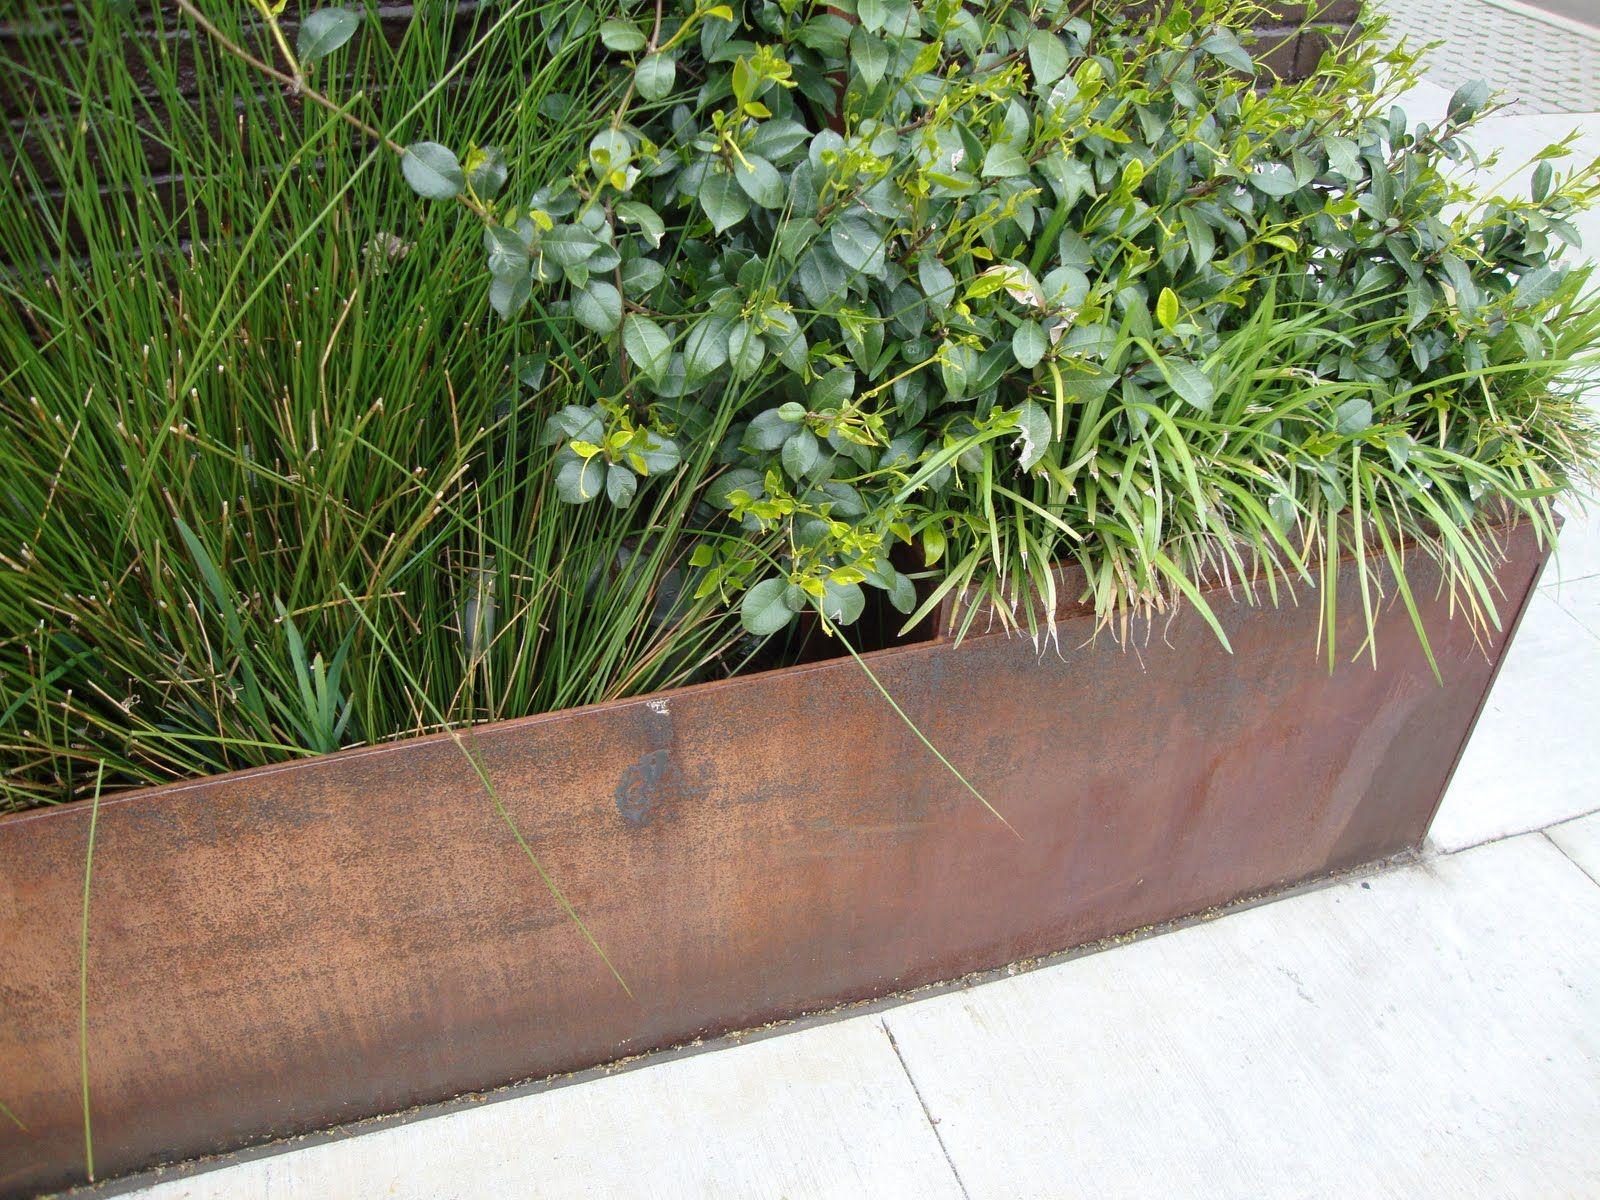 Bordure en metal jardin pinterest - Bordure de jardin metallique ...